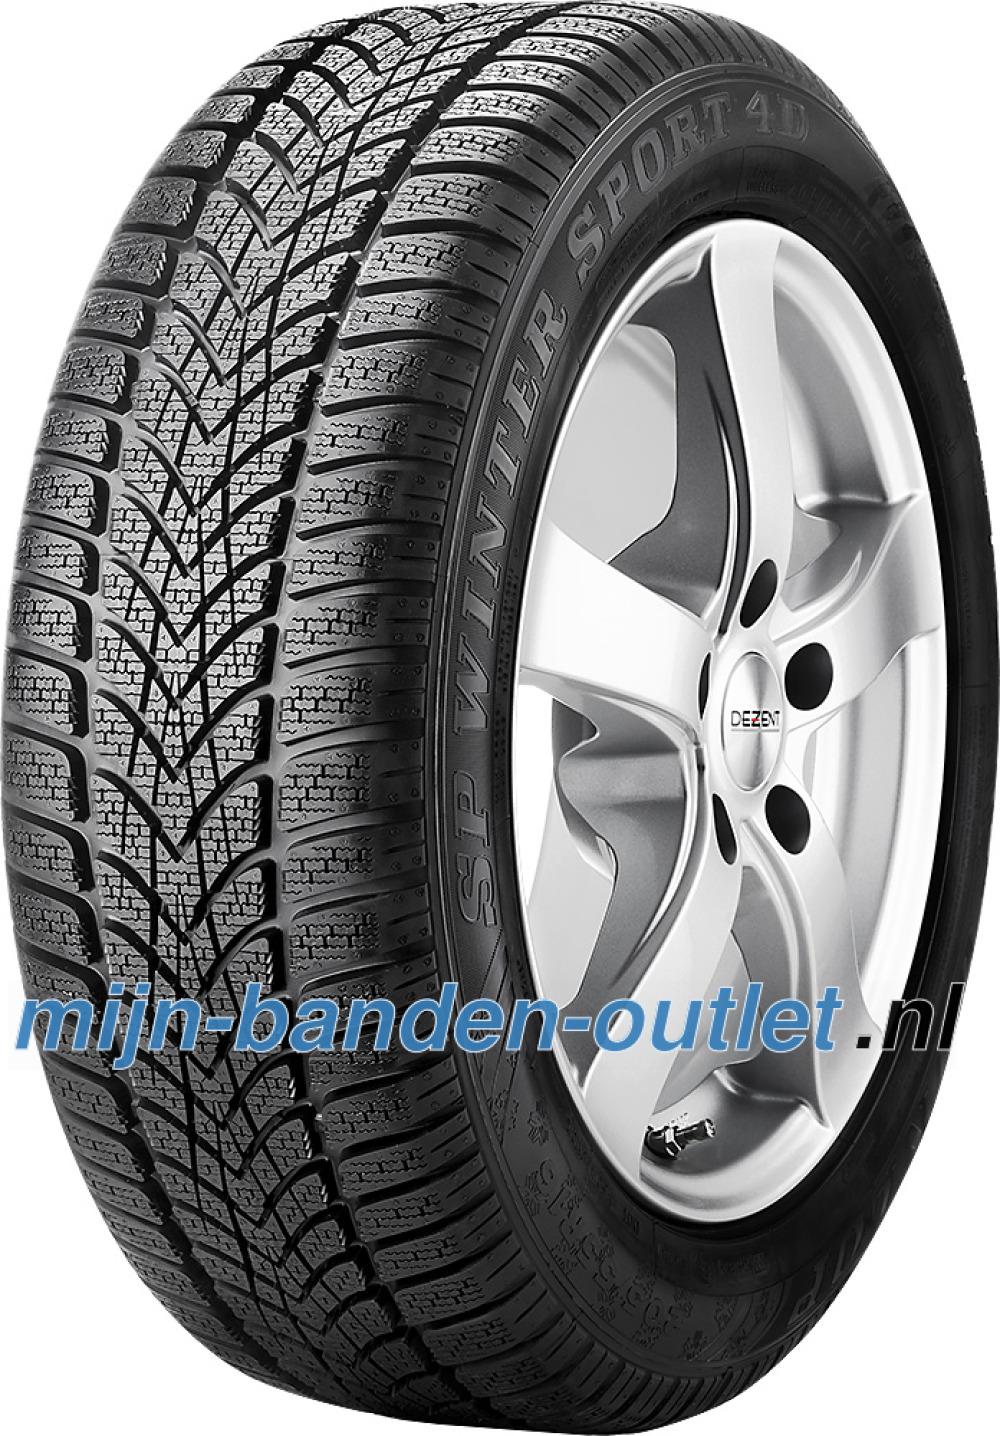 Dunlop SP Winter Sport 4D ( 275/30 R21 98W XL , met velgrandbescherming (MFS), RO1, NST )